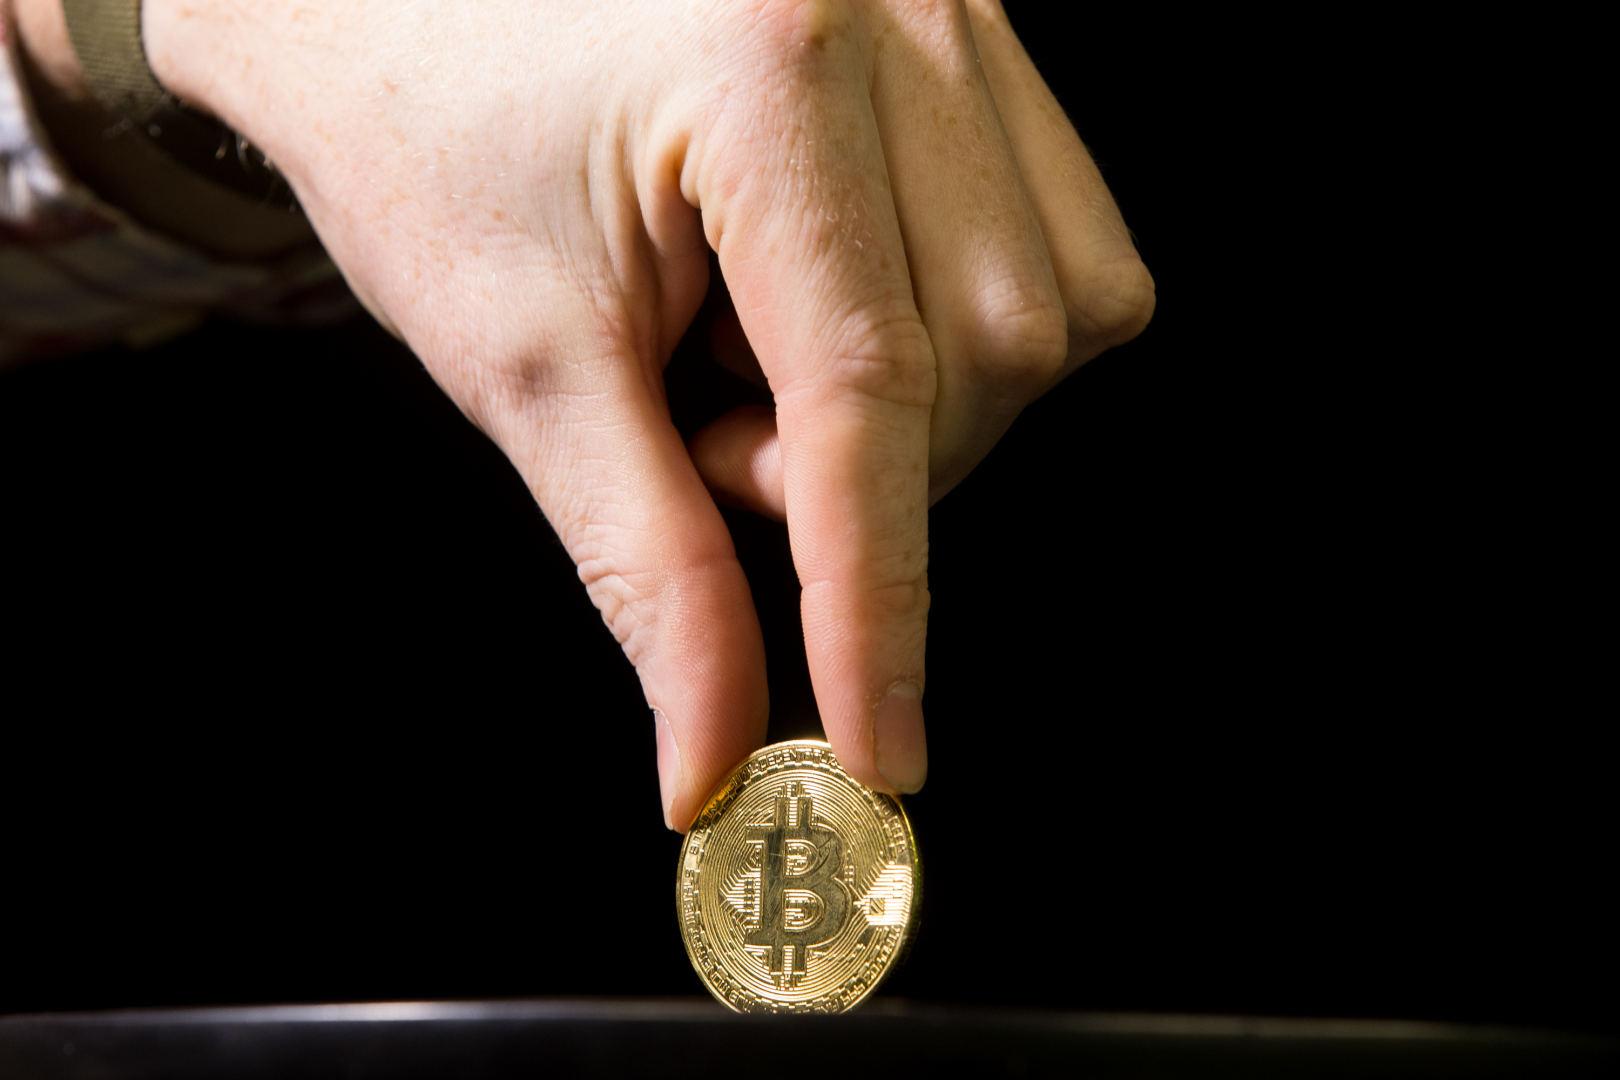 Kriptovaliutos dar tik įsibėgėja: ar į jas investuoti verta labiau nei į auksą?